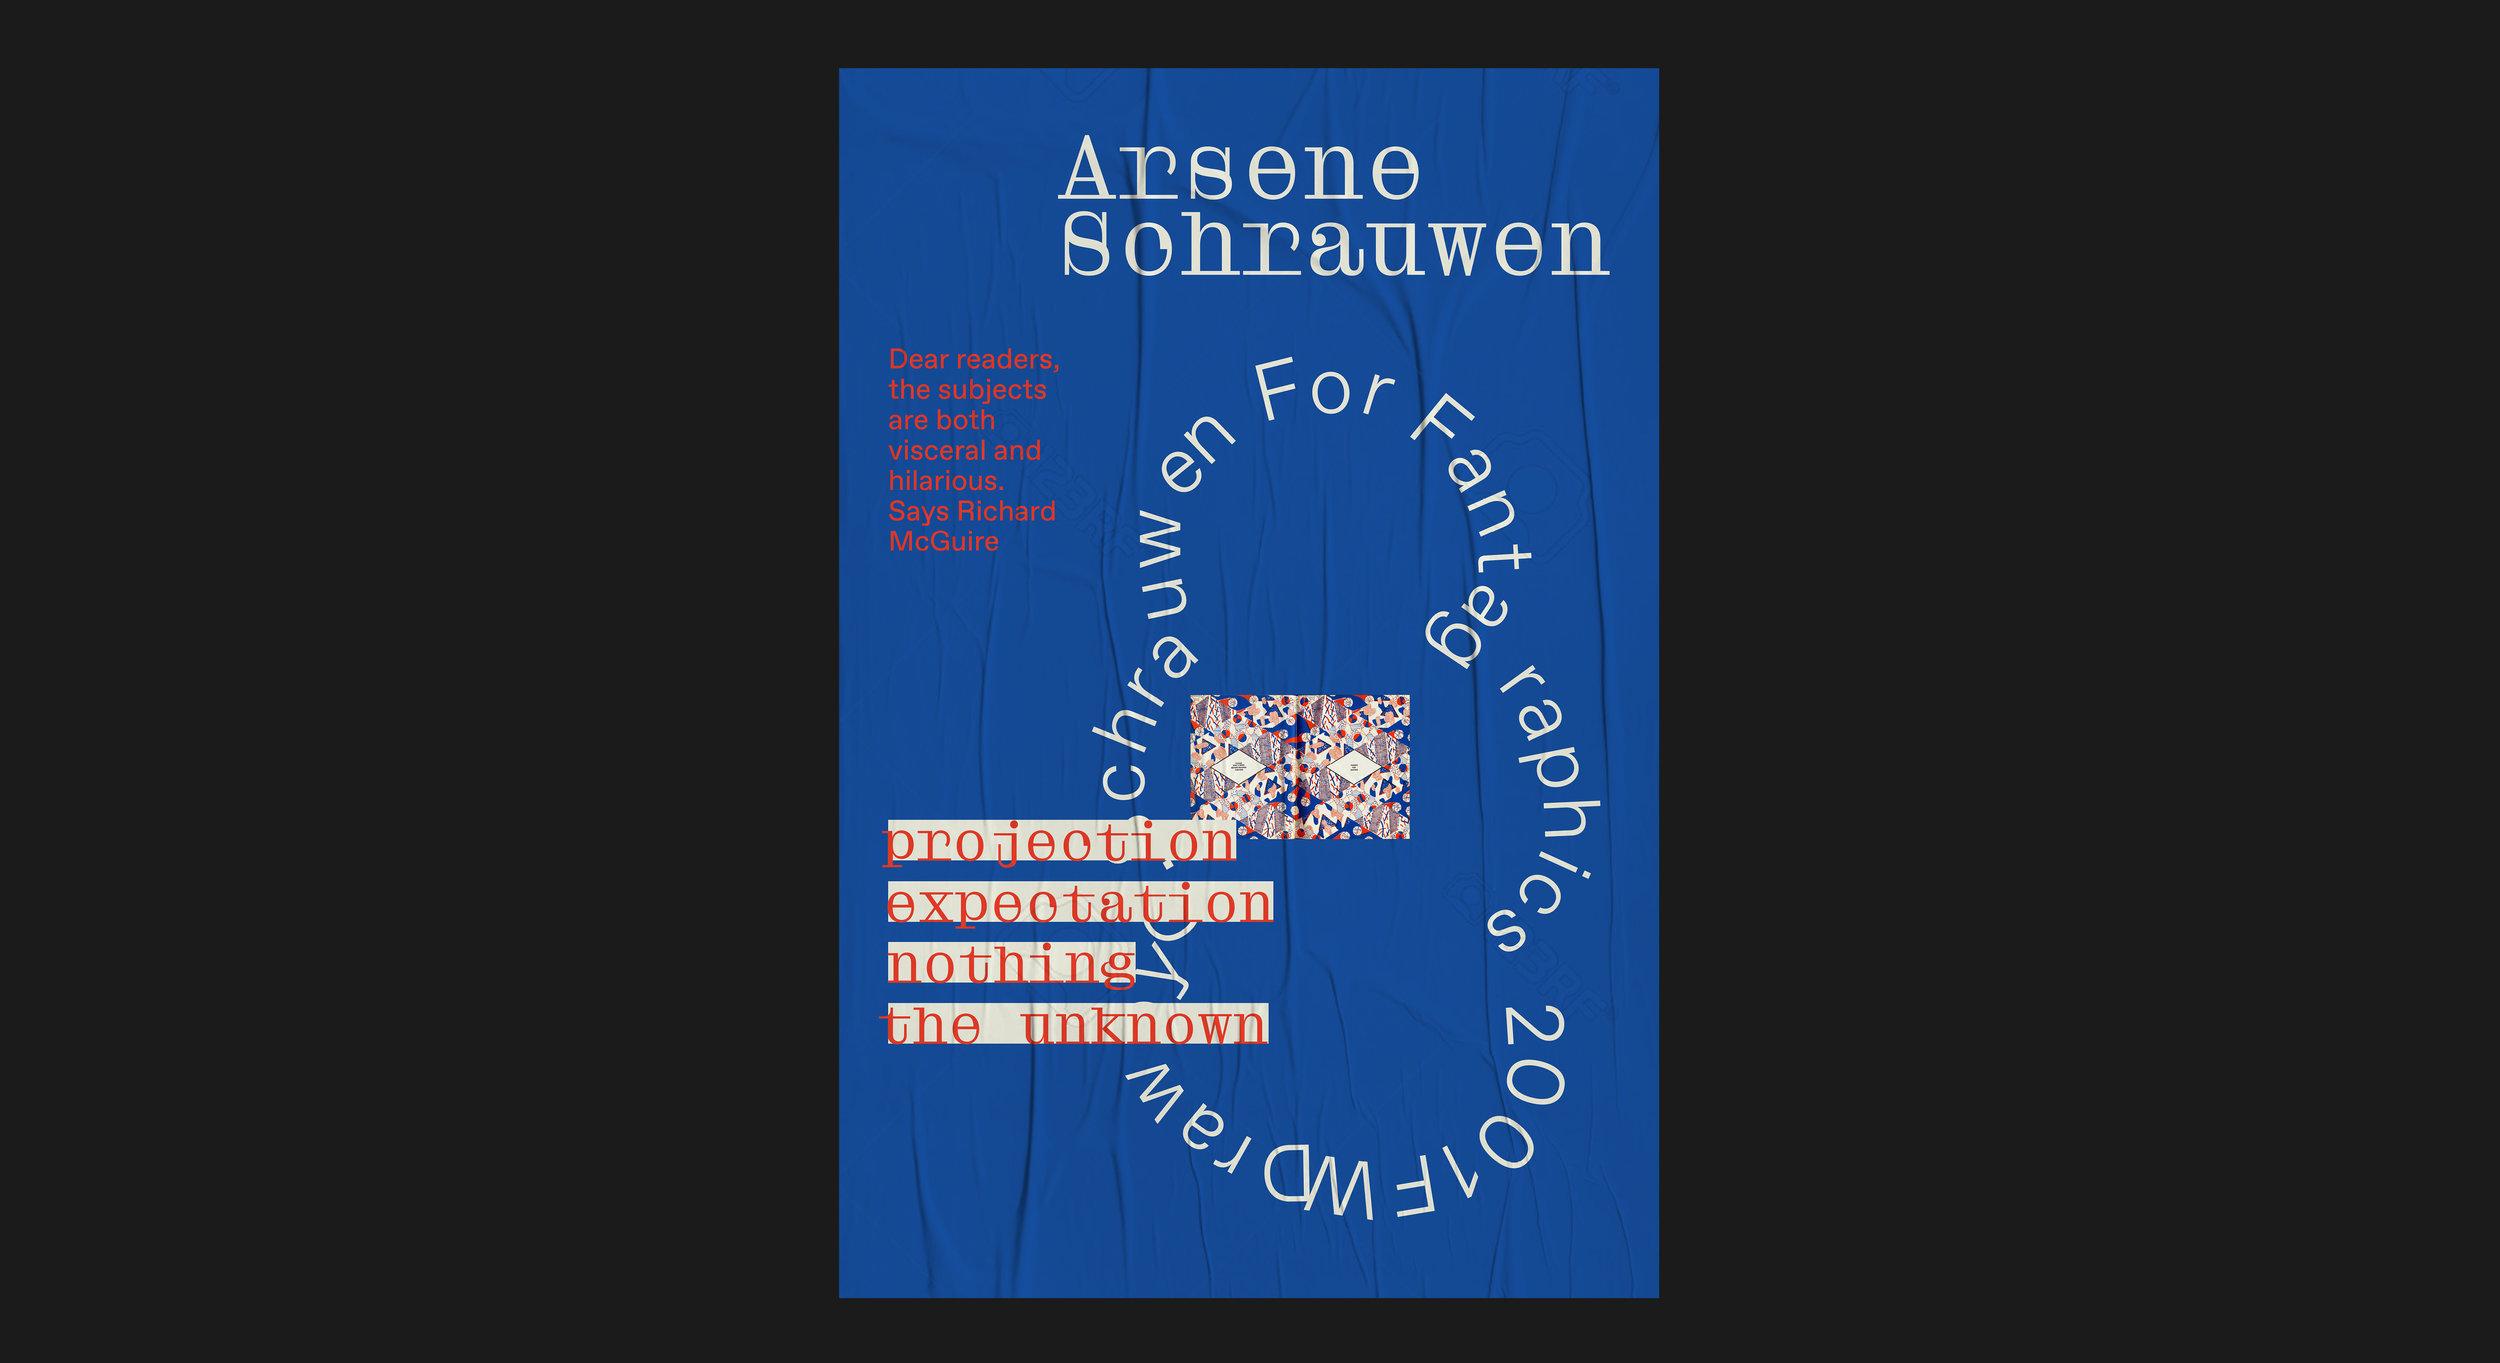 03_ArseneSchrauwen_repository2.jpg